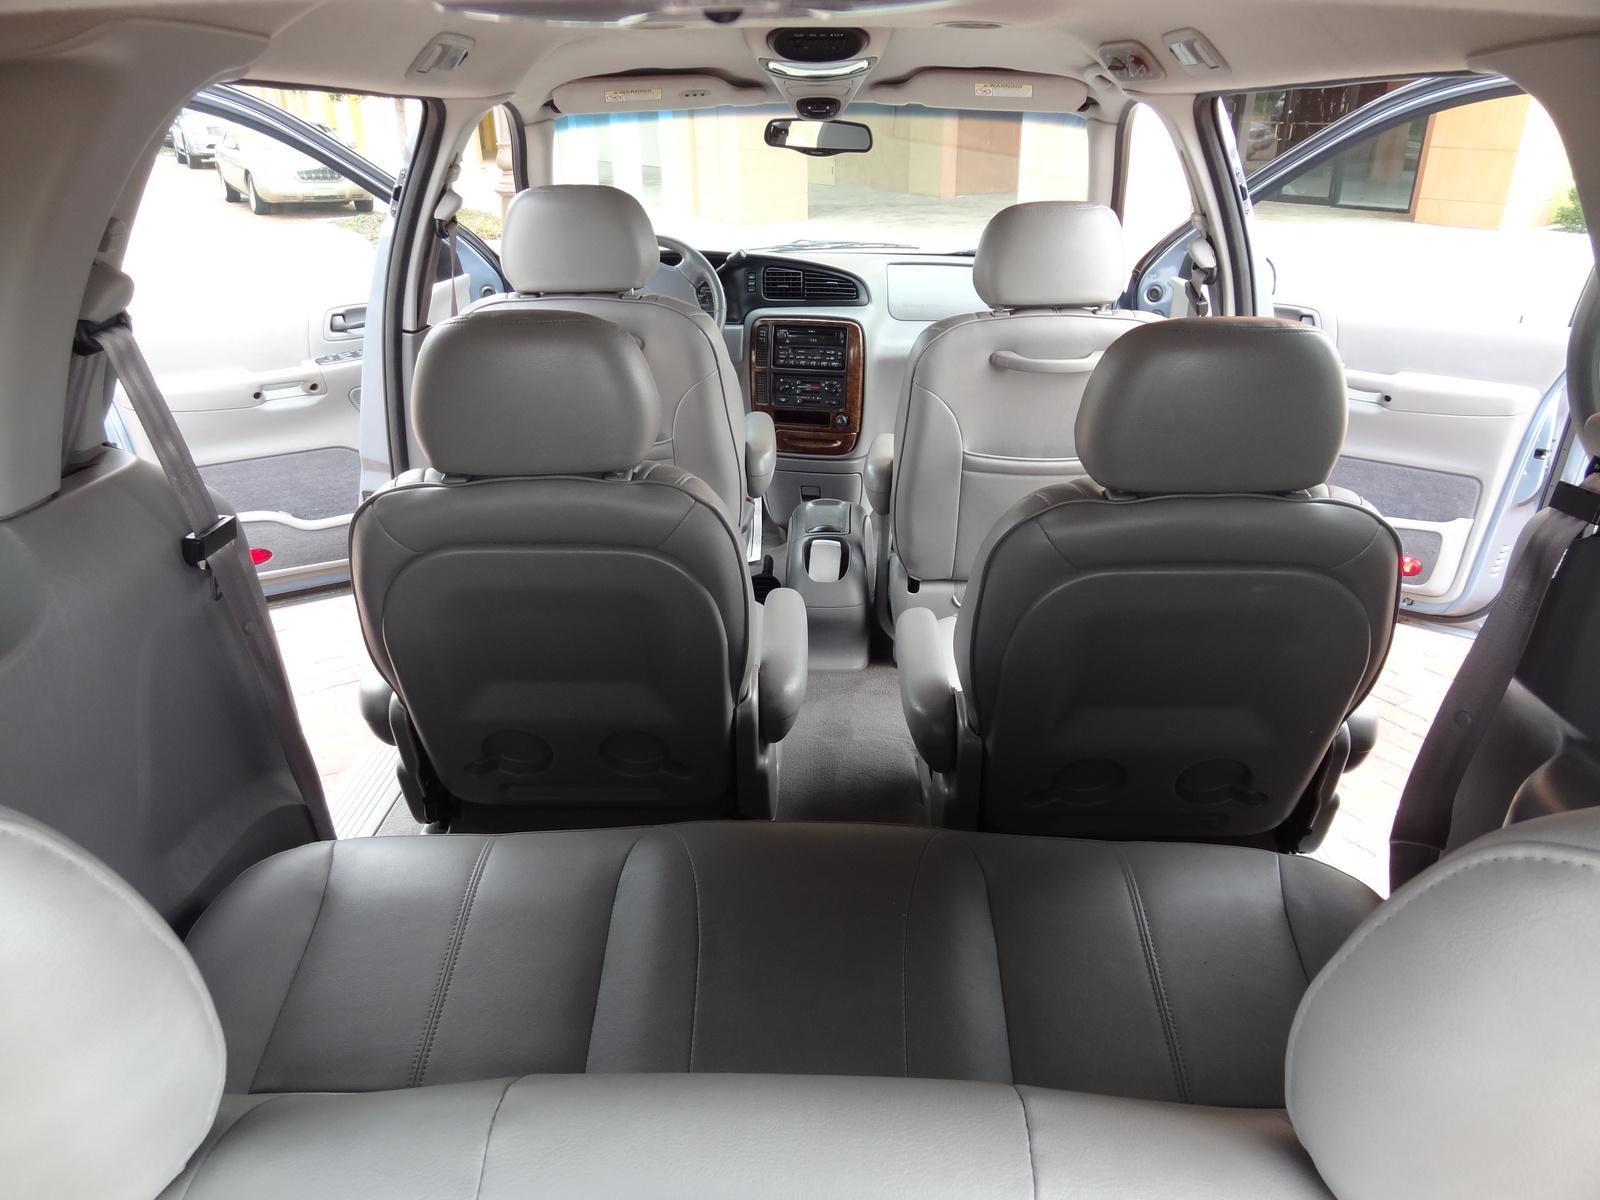 Ford Windstar 1994 - 2003 Minivan #3